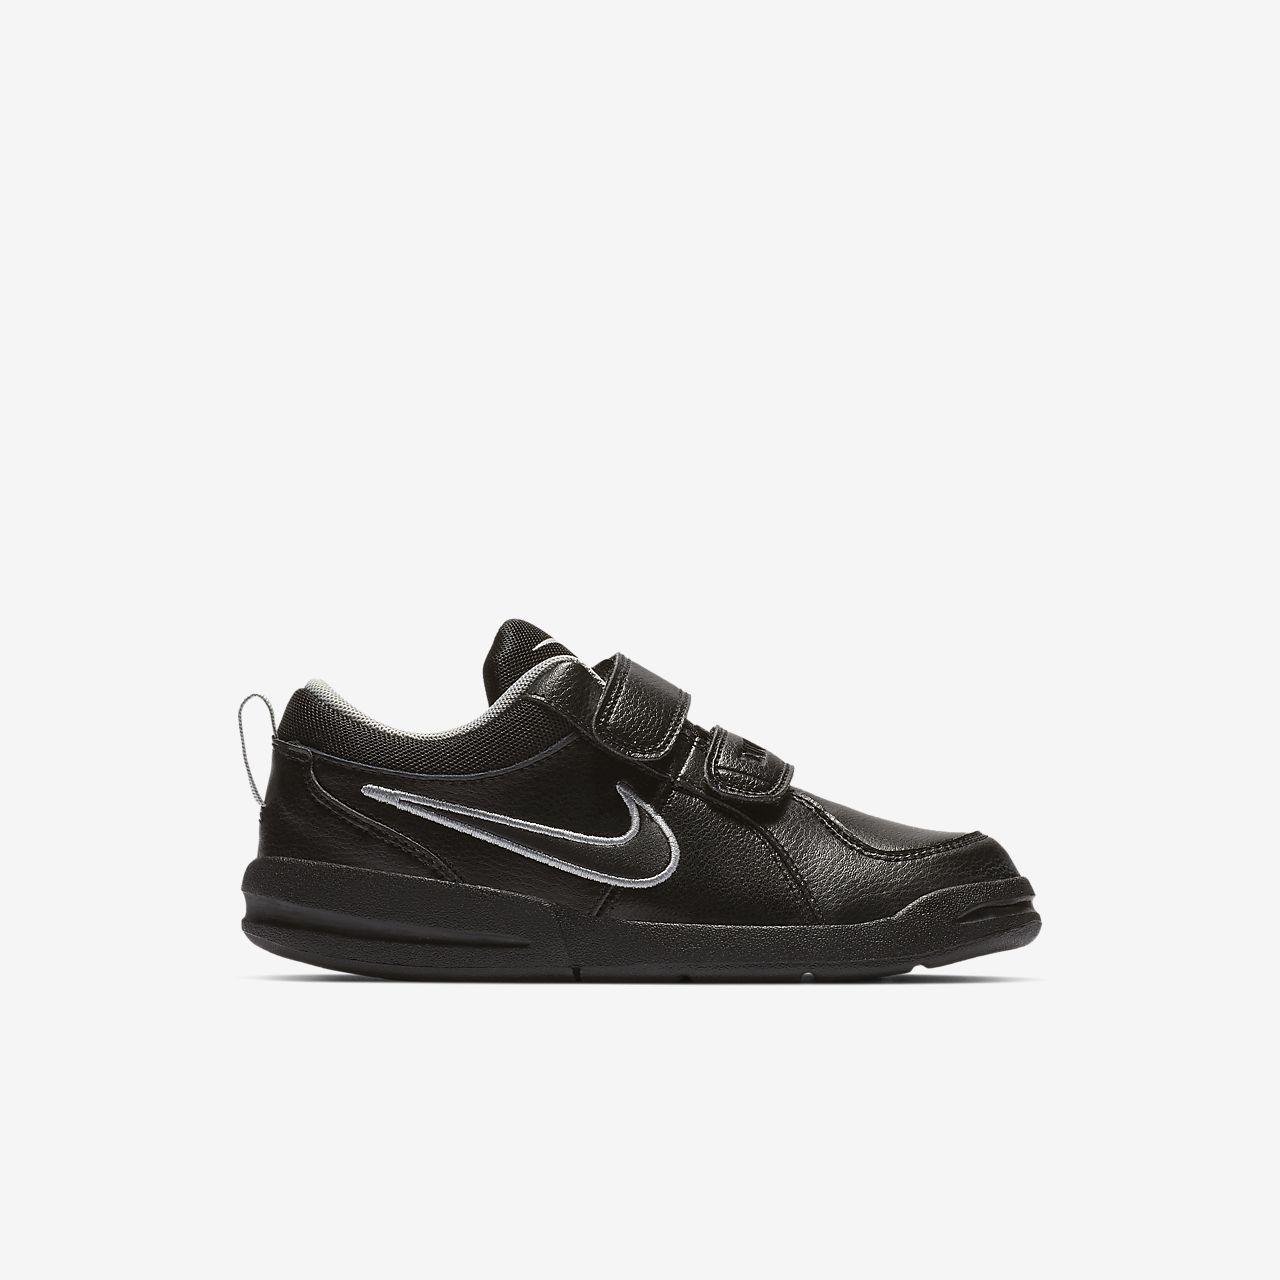 Schuhe NIKE - Pico 4 454500 001 Black/Metallic Silver OgIXCa